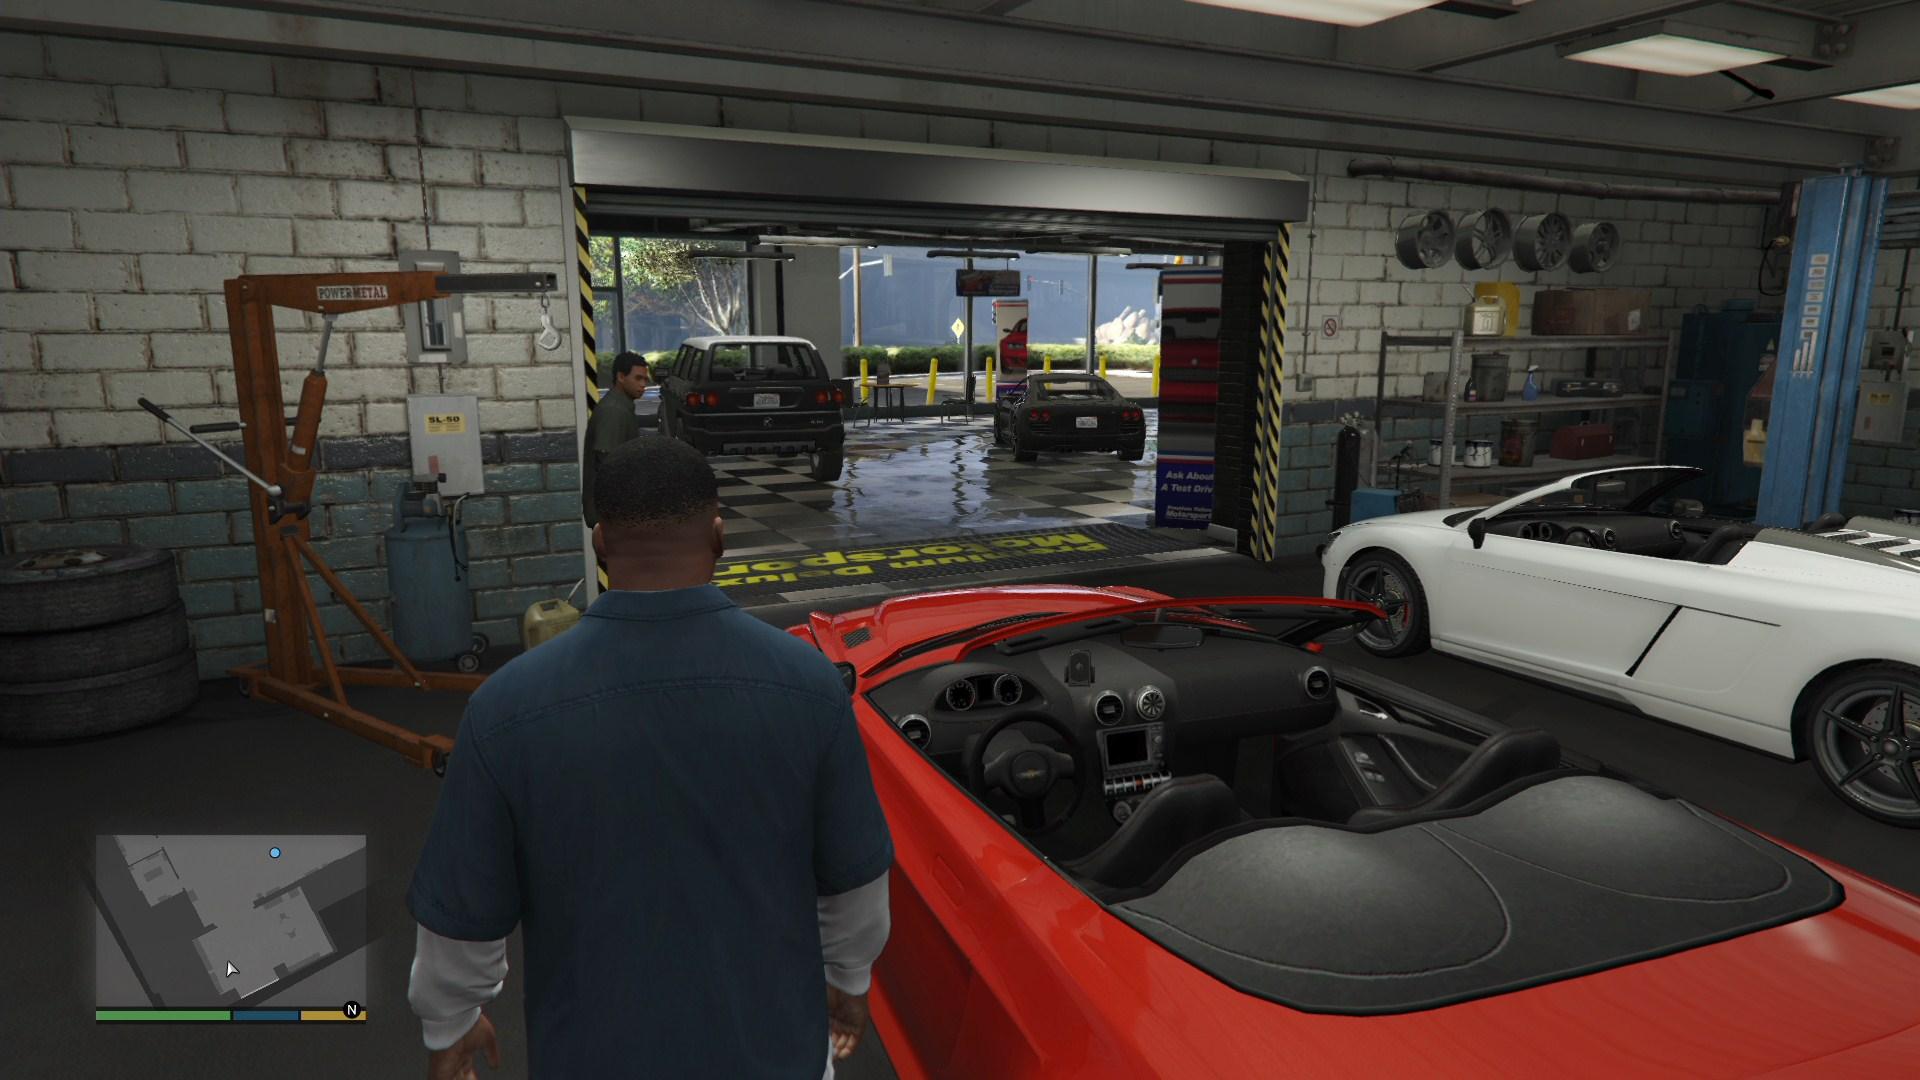 Gta 5 Xbox One : Grand theft auto pc vs ps xbox one comparison